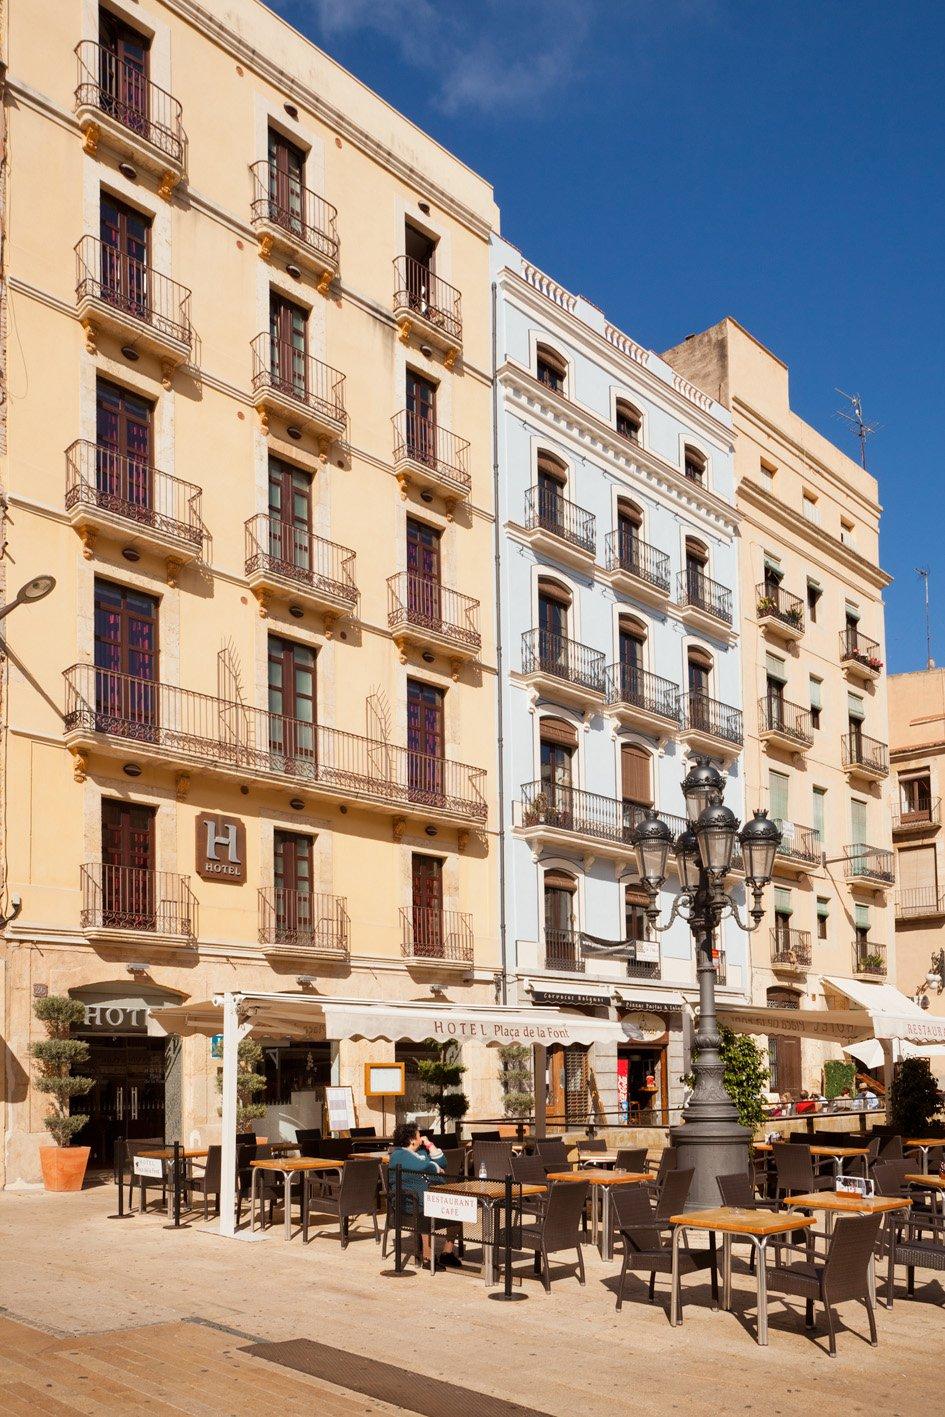 hotel_la_fontnombre_del_documento_12-e999f0891b8bd7286d033bf1ec233f1c